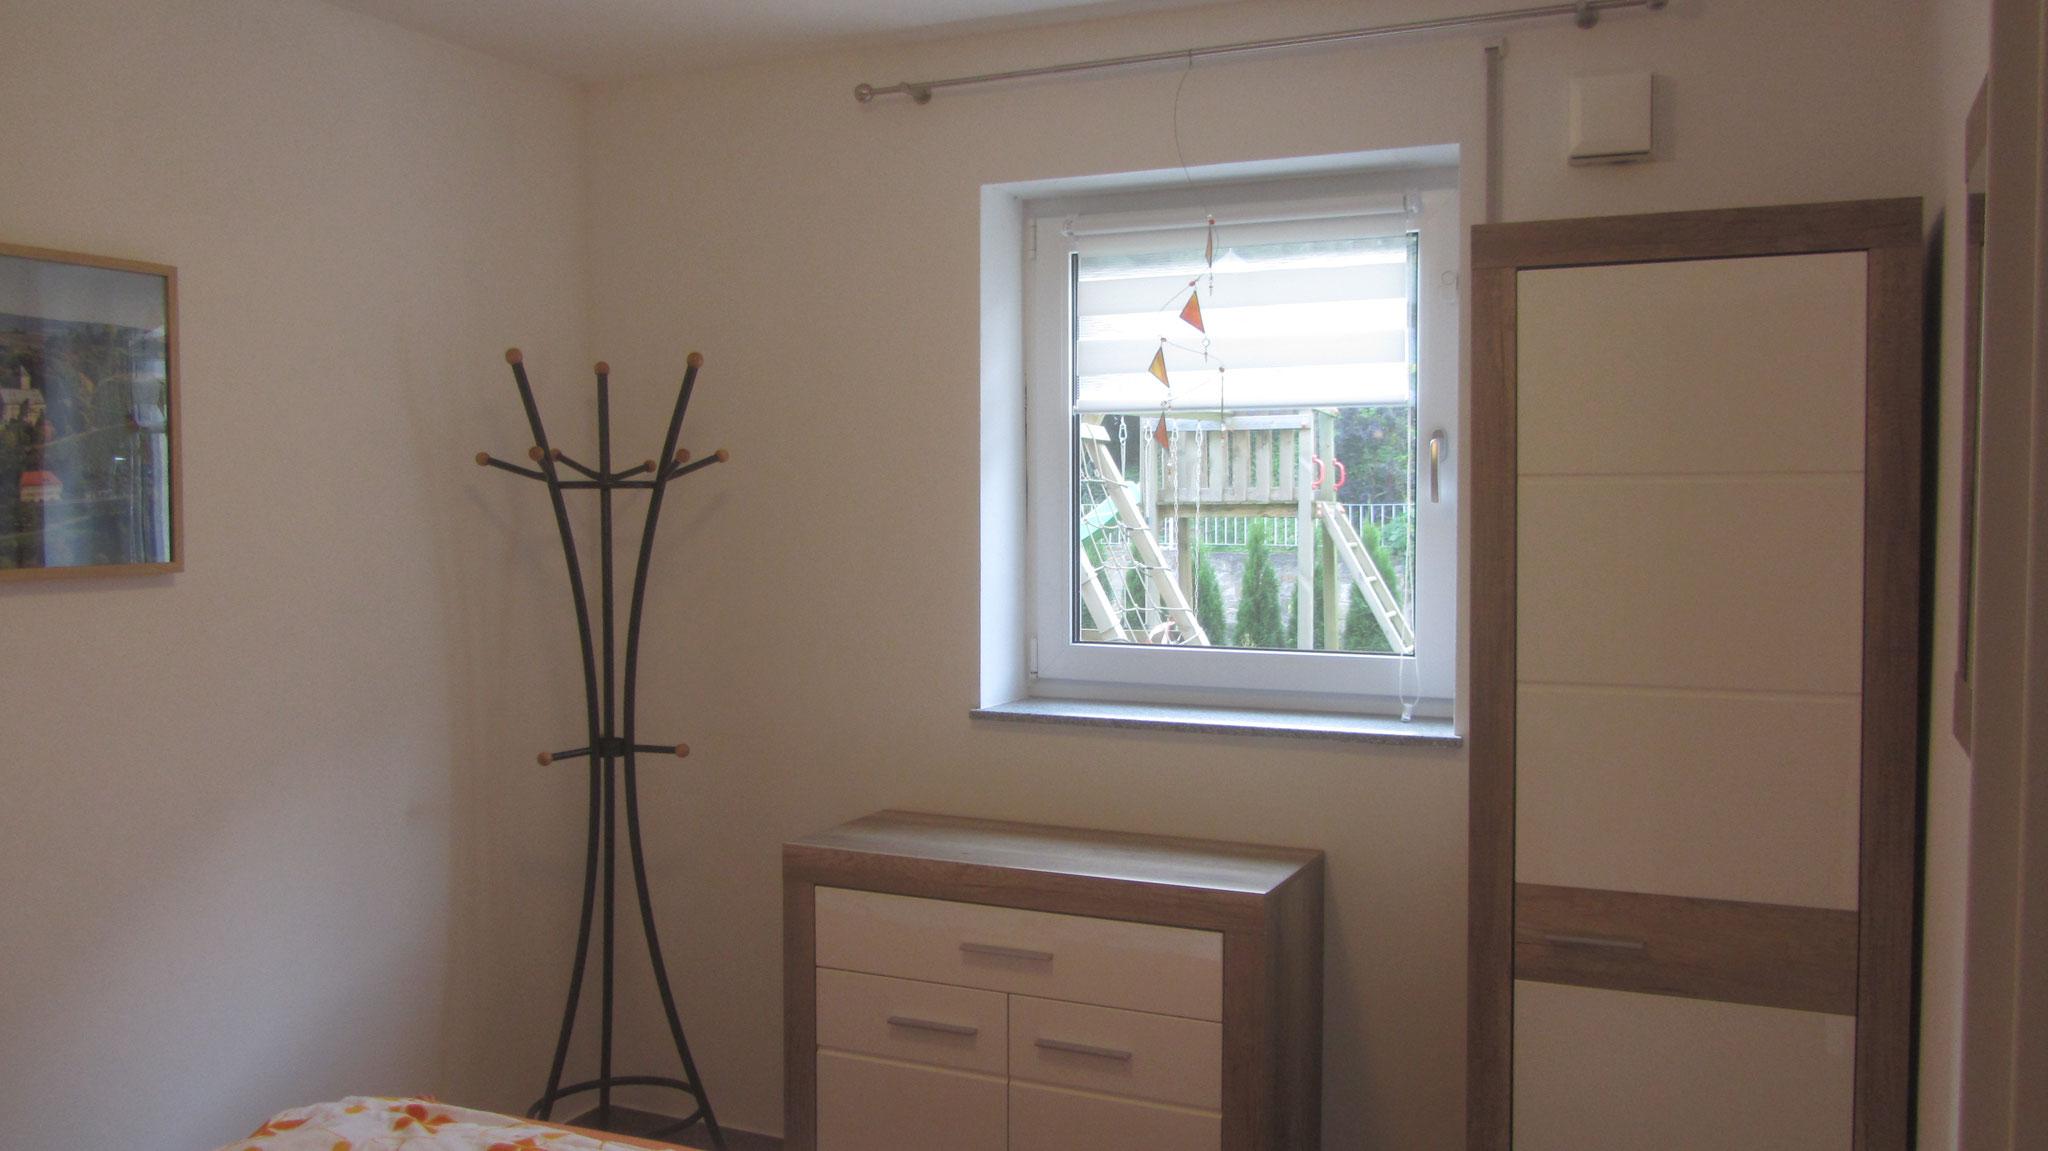 schlafzimmer kommode 200 cm bettw sche leinen weiss elegante jersey stubenwagen set bettdecken. Black Bedroom Furniture Sets. Home Design Ideas